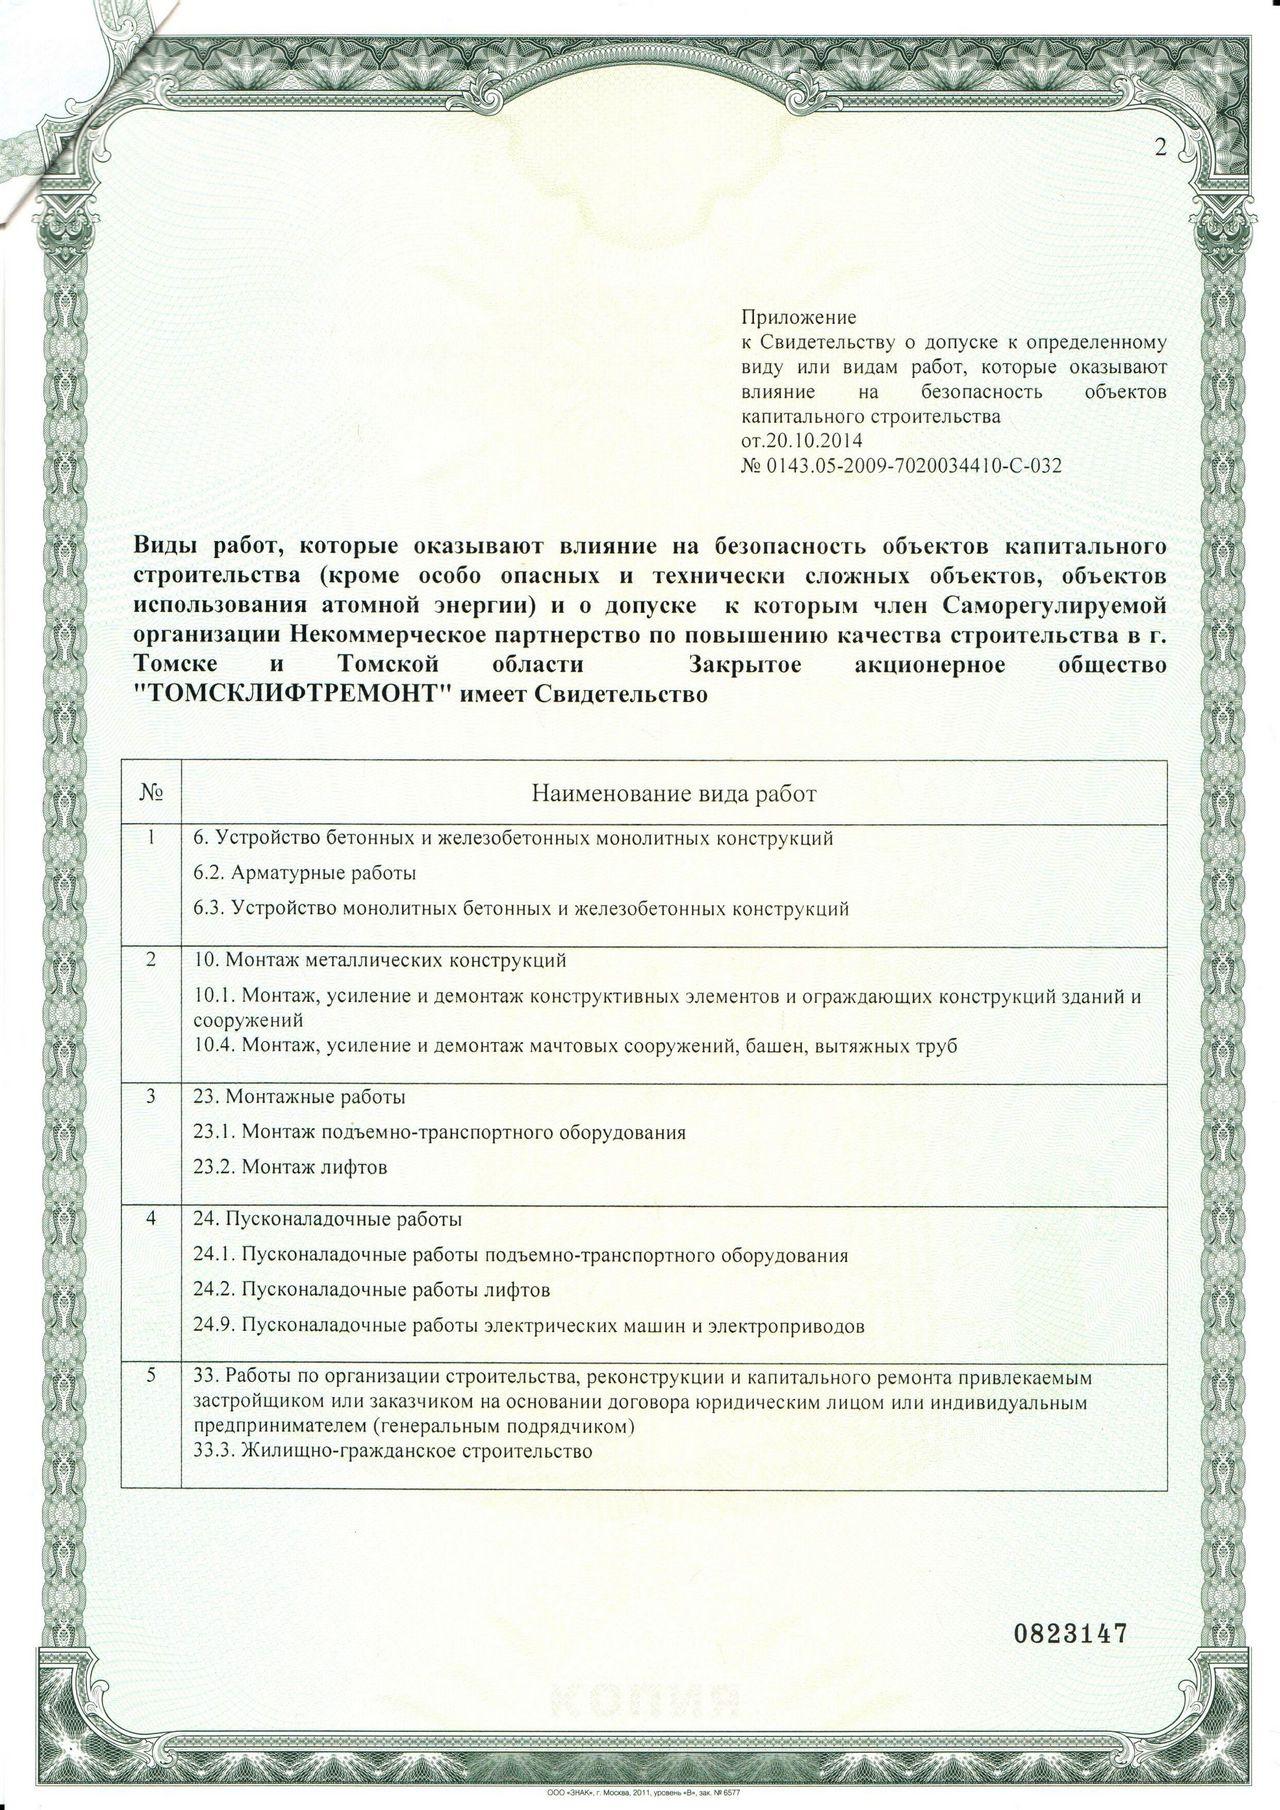 Свидетельства и дипломы АО ТомскЛифтРемонт